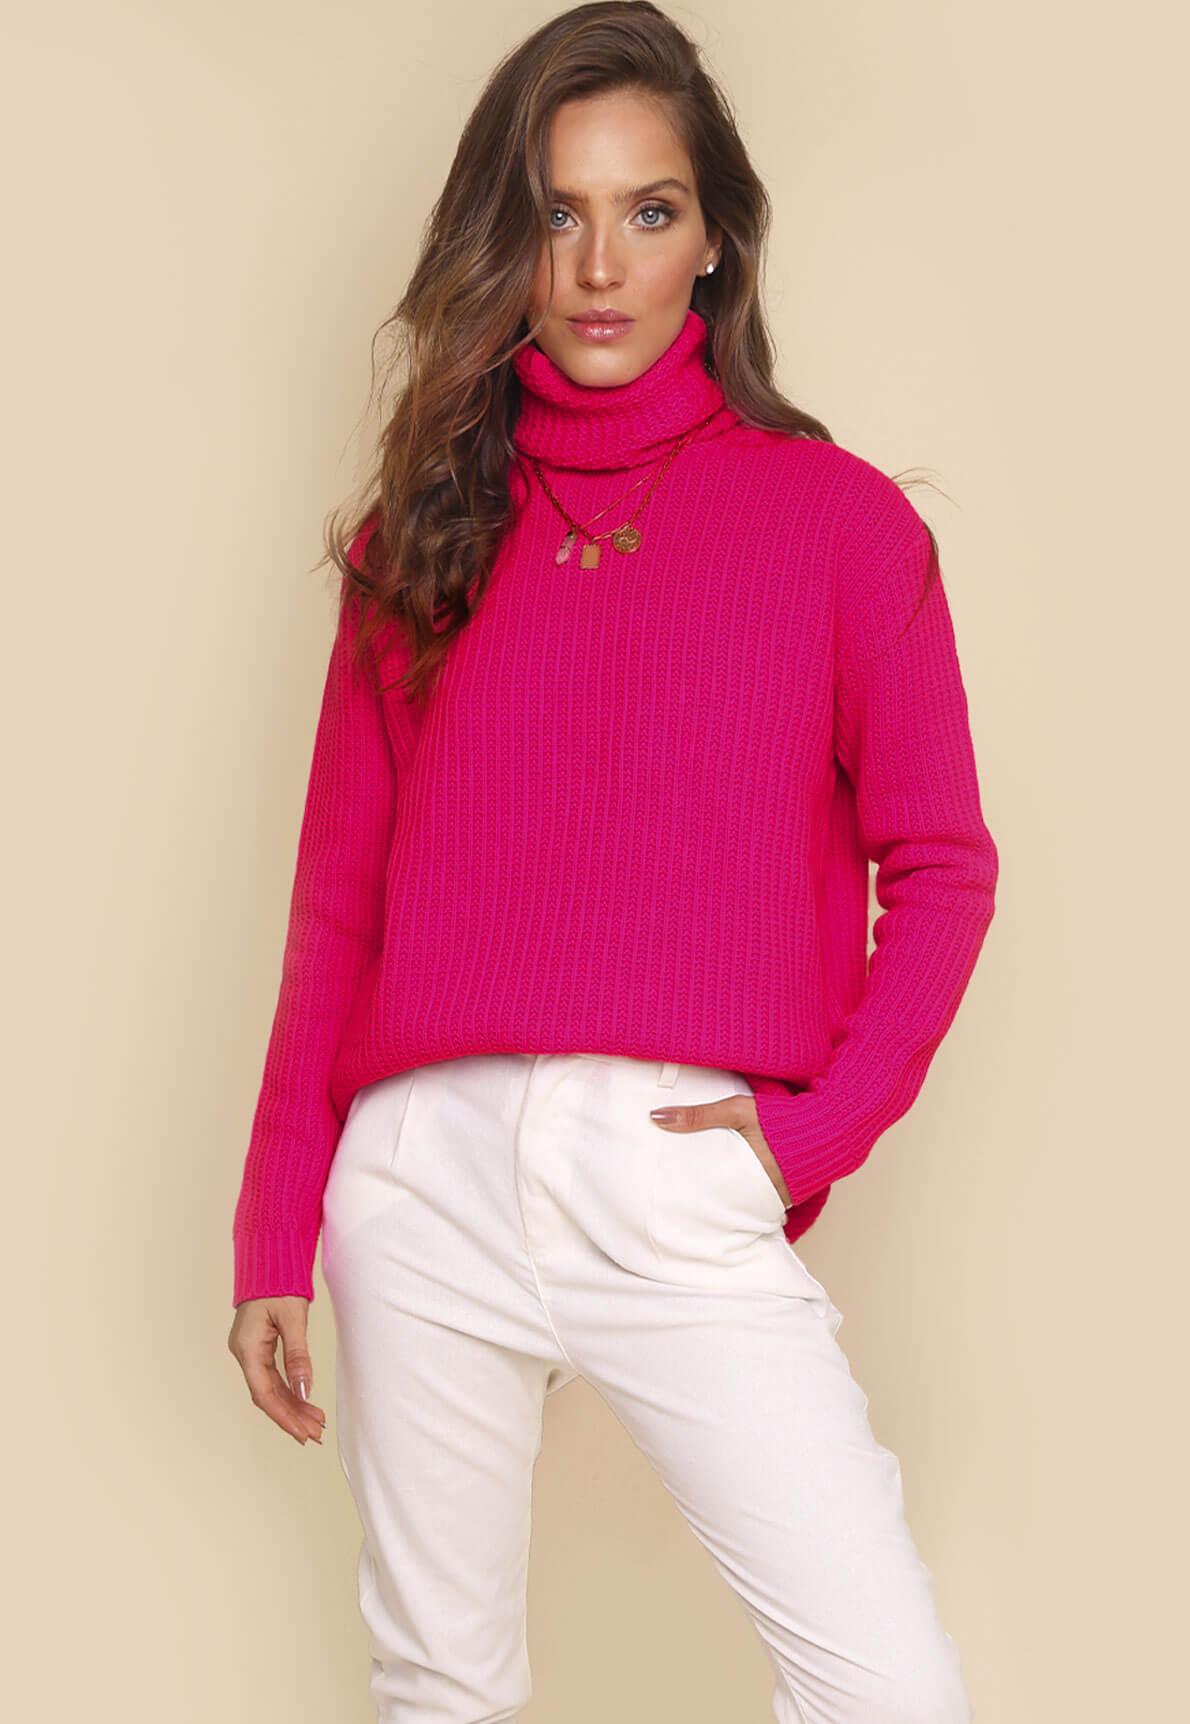 30609-trico-mundo-lolita-feminino-gola-alta-pink-rumi-02-